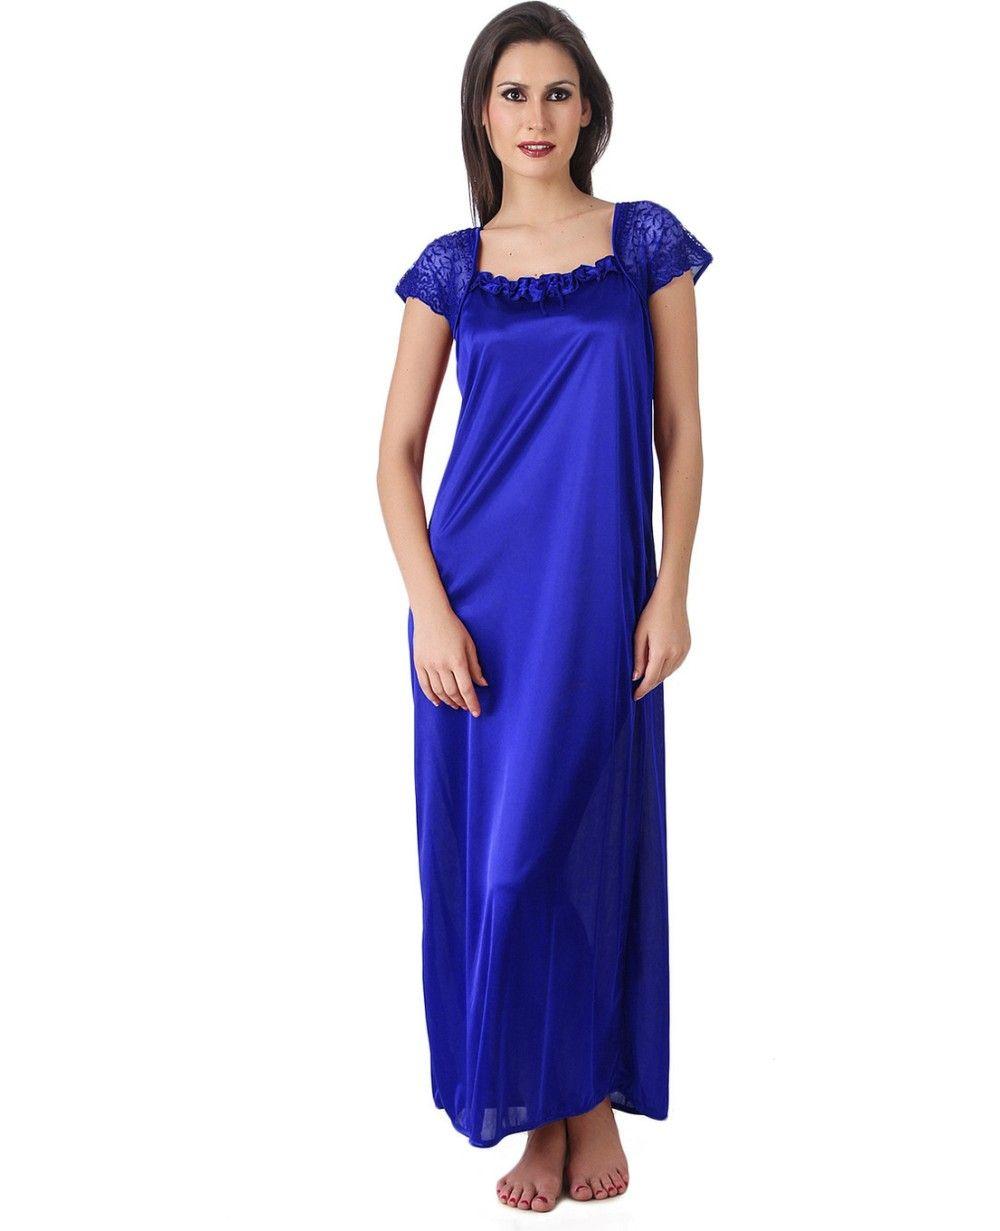 f5bce46bd7 Women Satin Dark Blue Color One Piece Nighty, Night Suit, Night dress # nightwear #lingerie #sexynightwear #nightdress